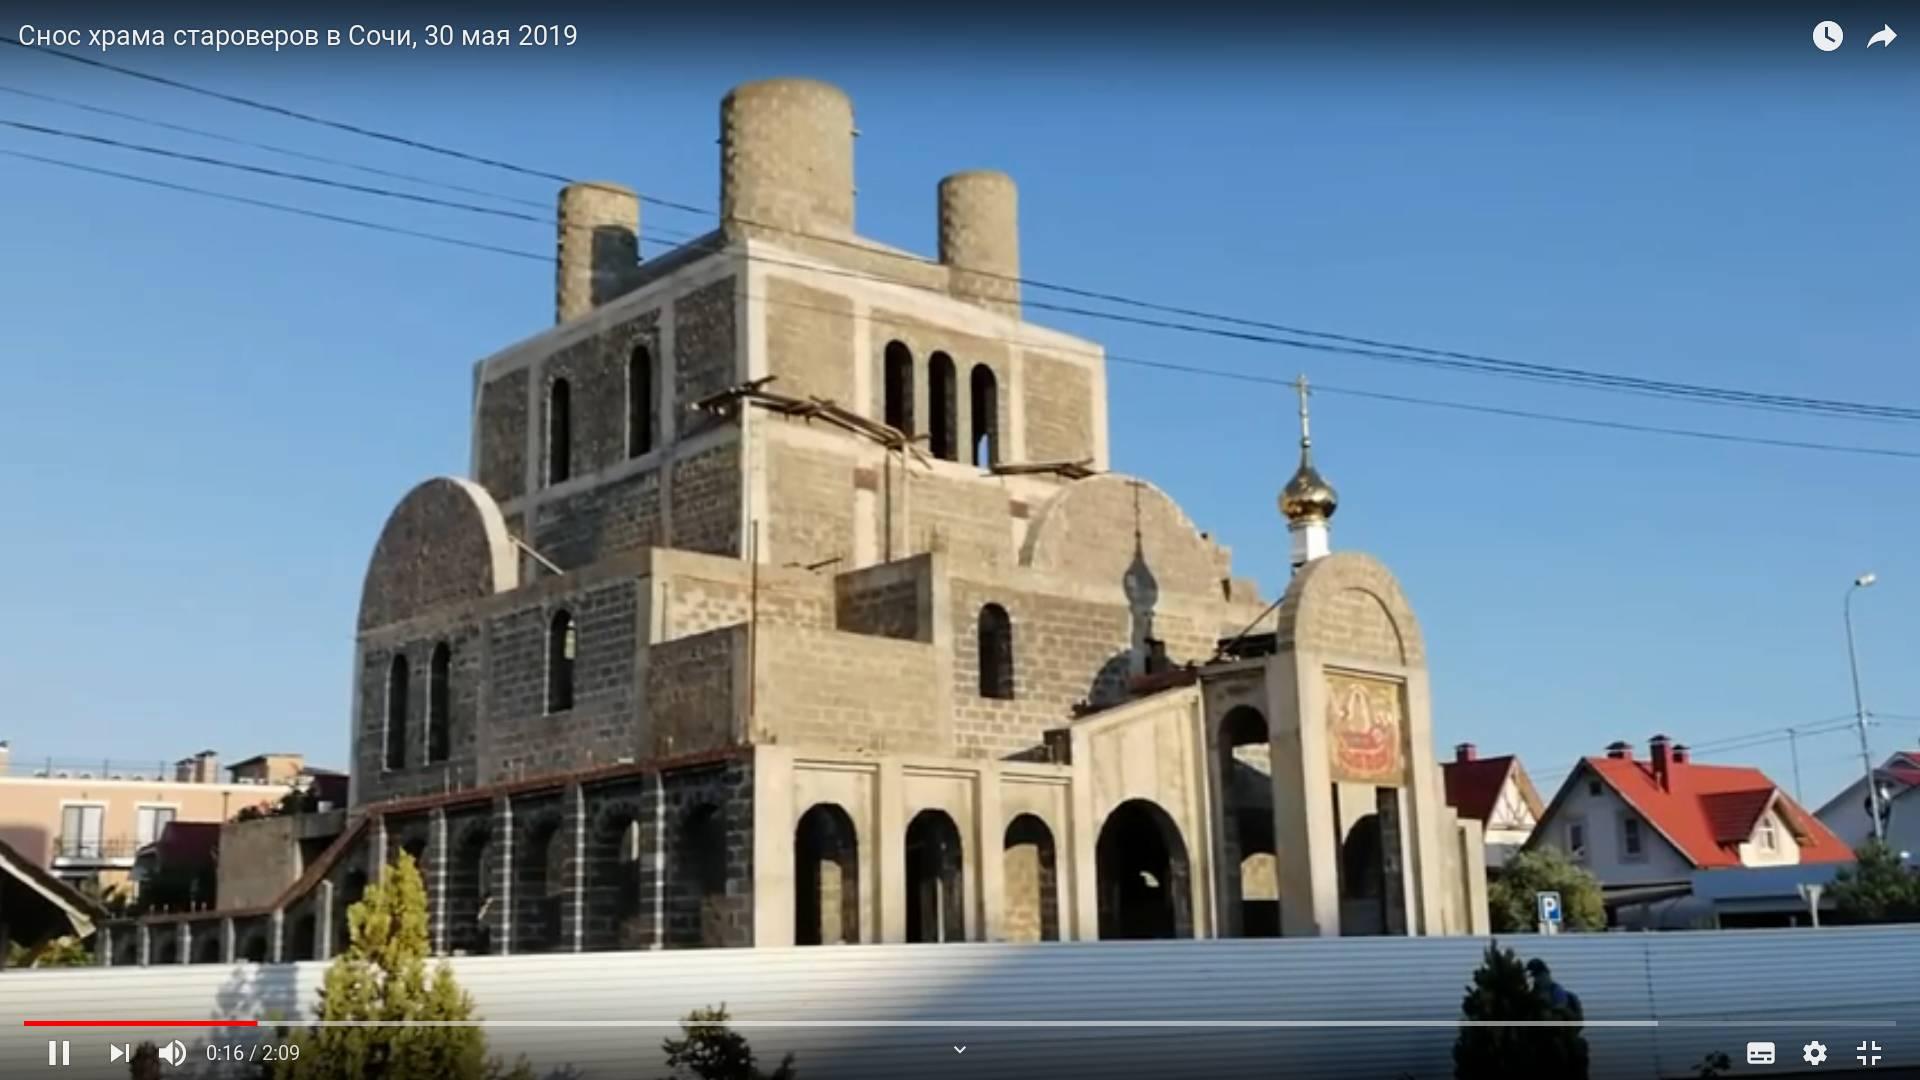 Цитата из видео «Снос храма староверов в Сочи, 30 мая 2019» пользователя Староверы Онлайн.